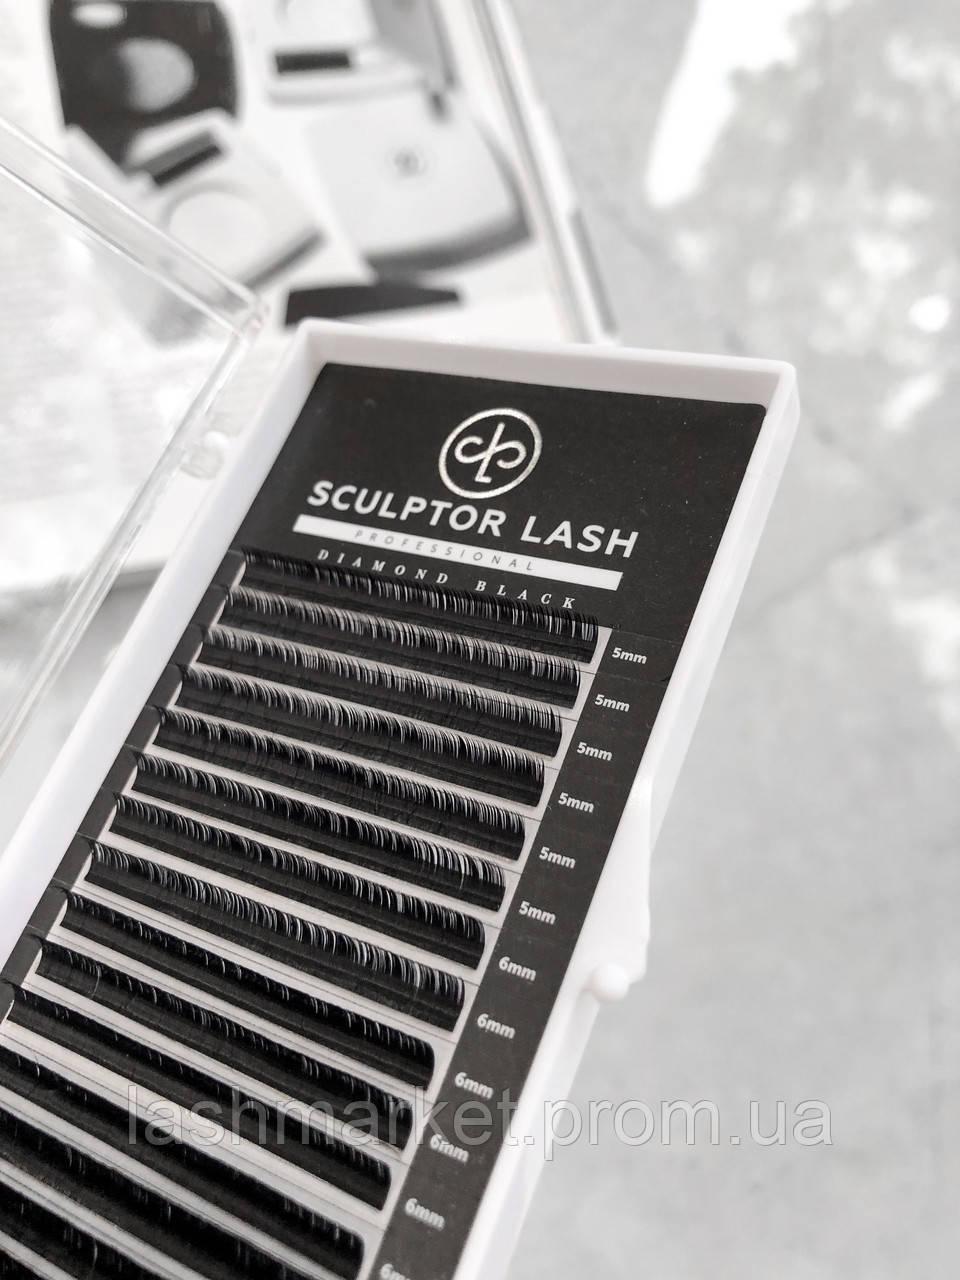 Ресницы ОТД ДЛИНА CC 0.05 8мм Sculptor Lash Diamond Black черные(для наращивания ресниц)